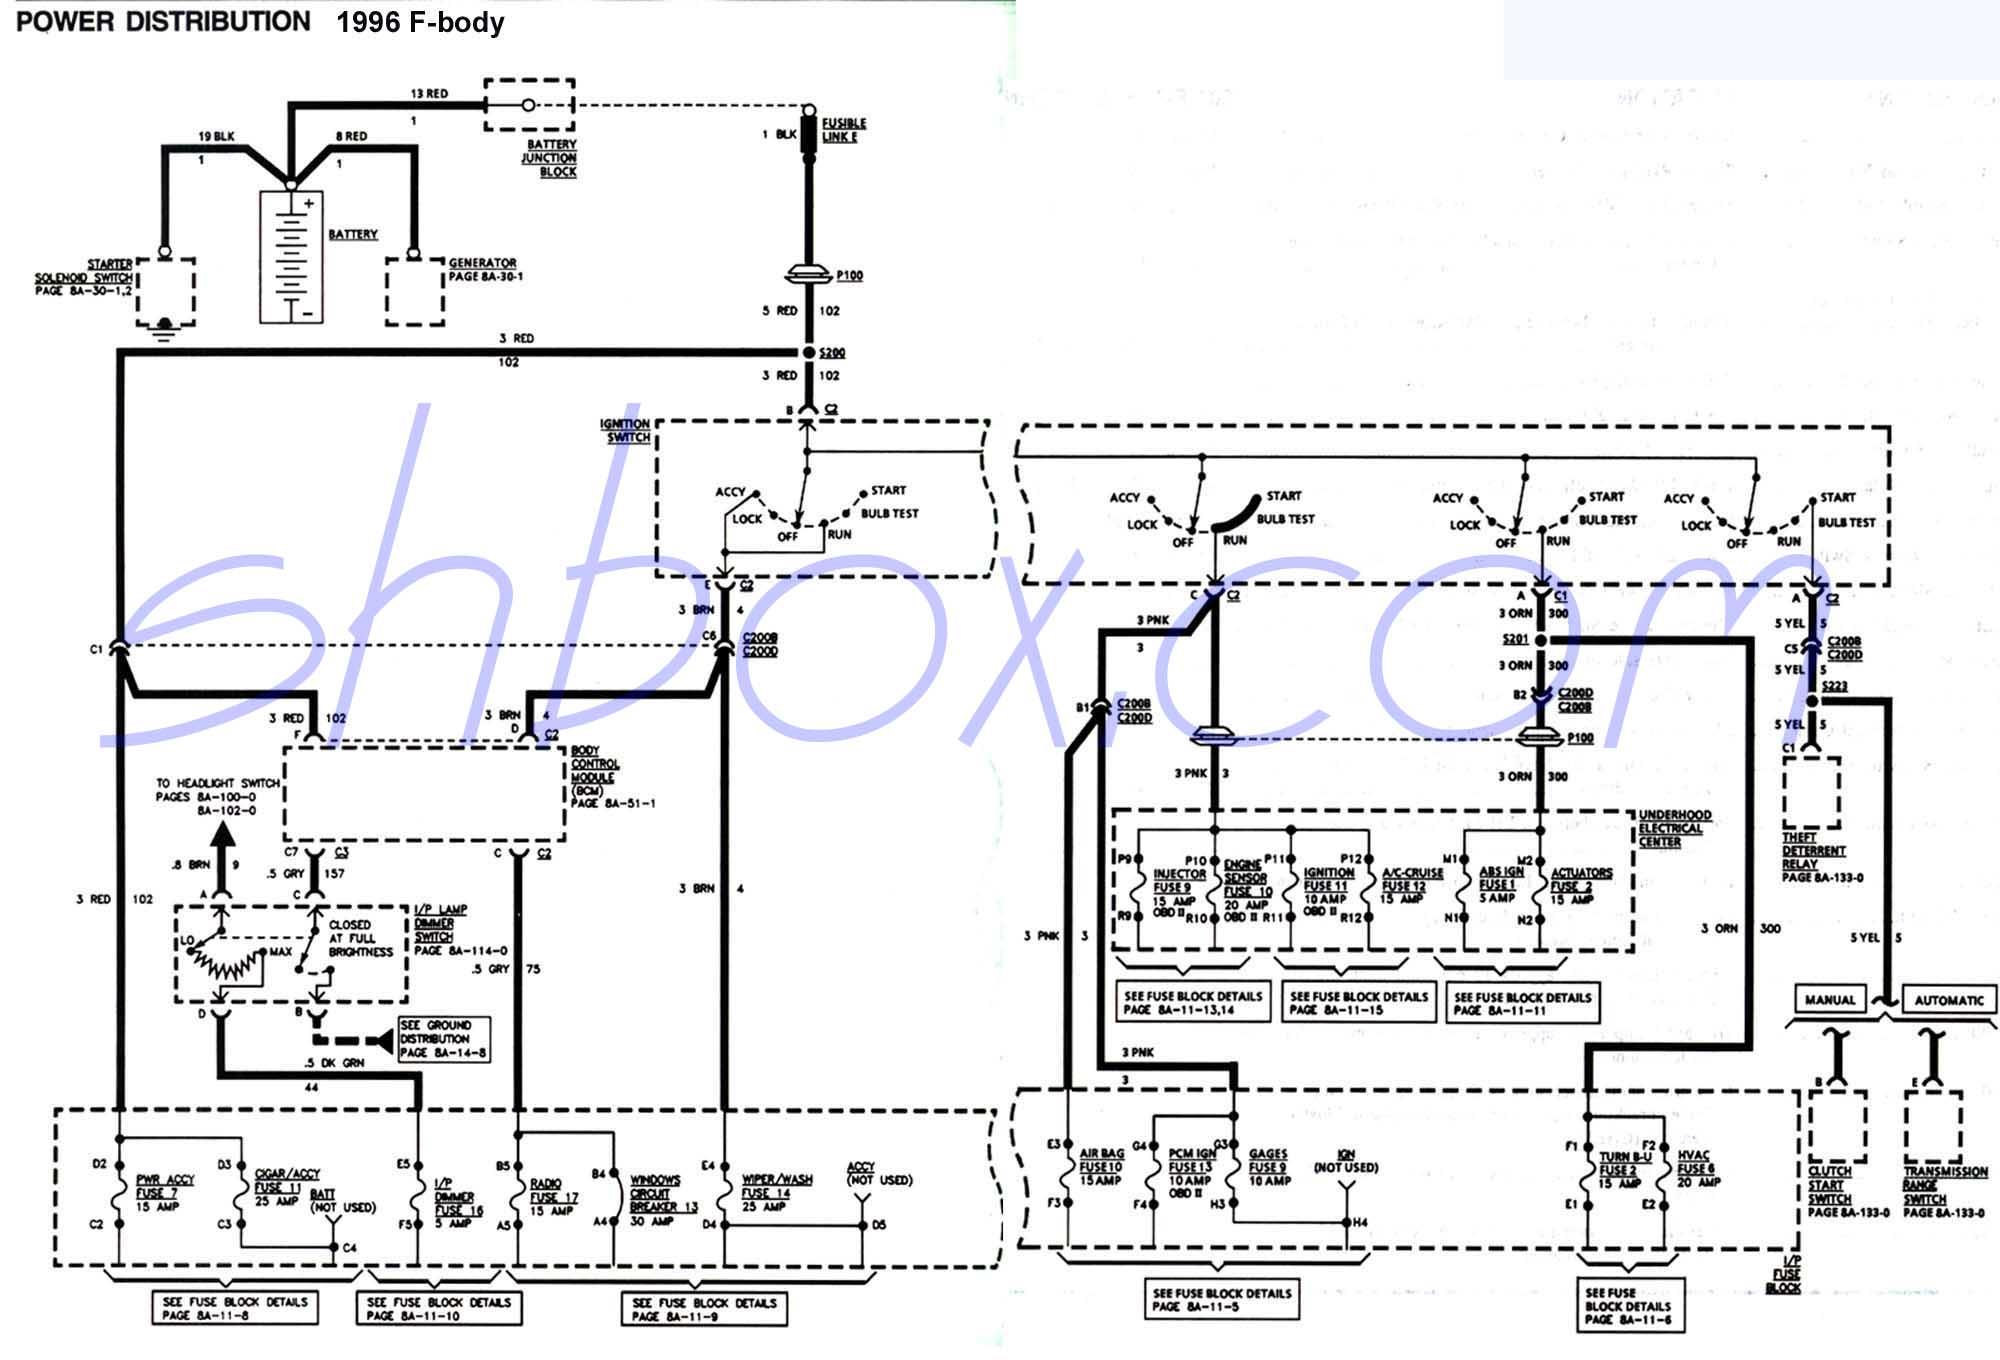 Groovy Fig171984Bodywiringcontinued Basic Electronics Wiring Diagram Wiring Digital Resources Funapmognl